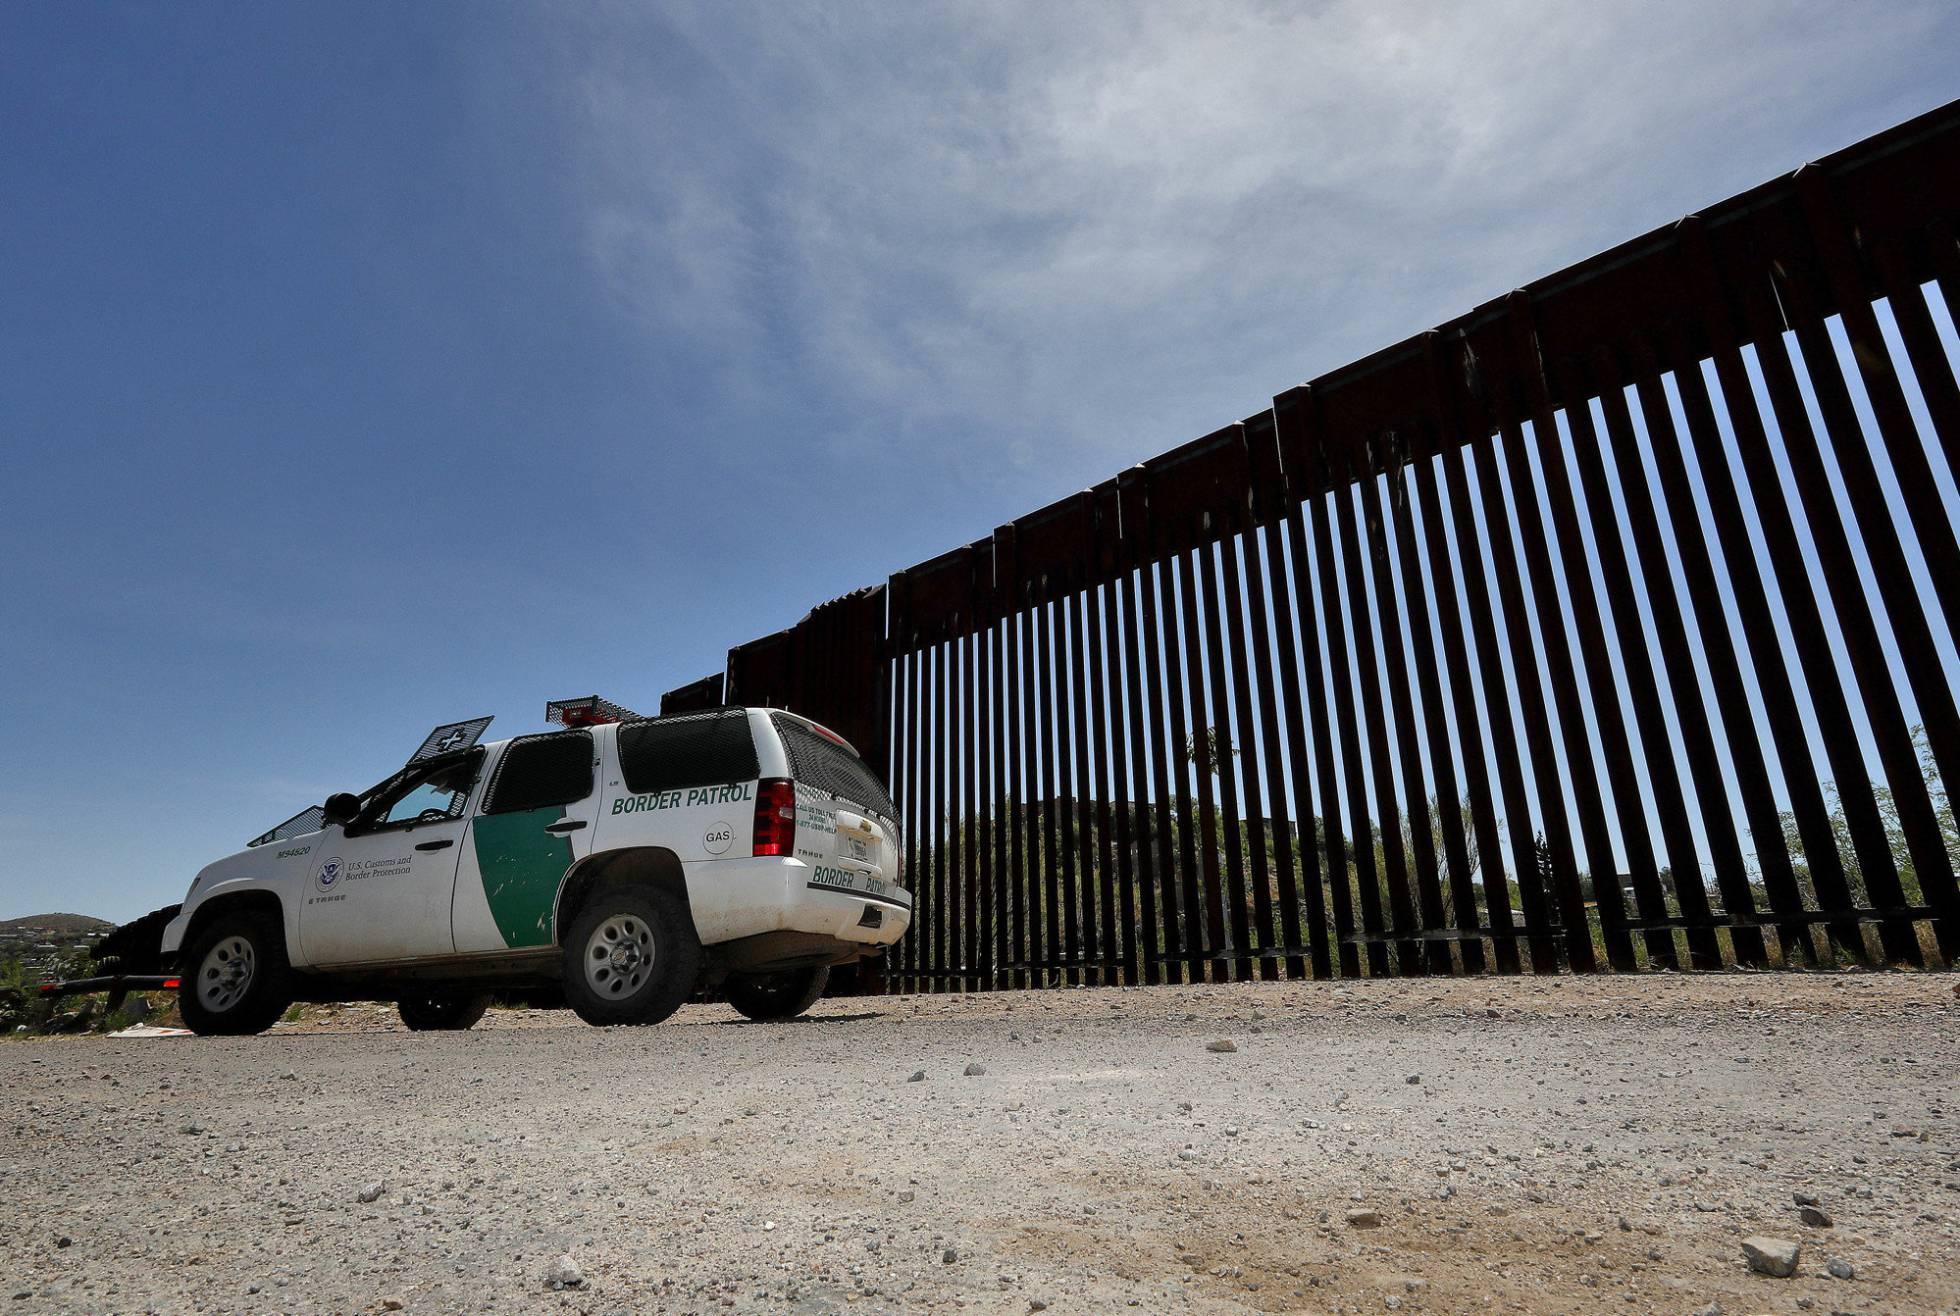 Detenidos en Arizona 59 guatemaltecos que aseguran ser parte de la caravana migrante que irritó a Trump